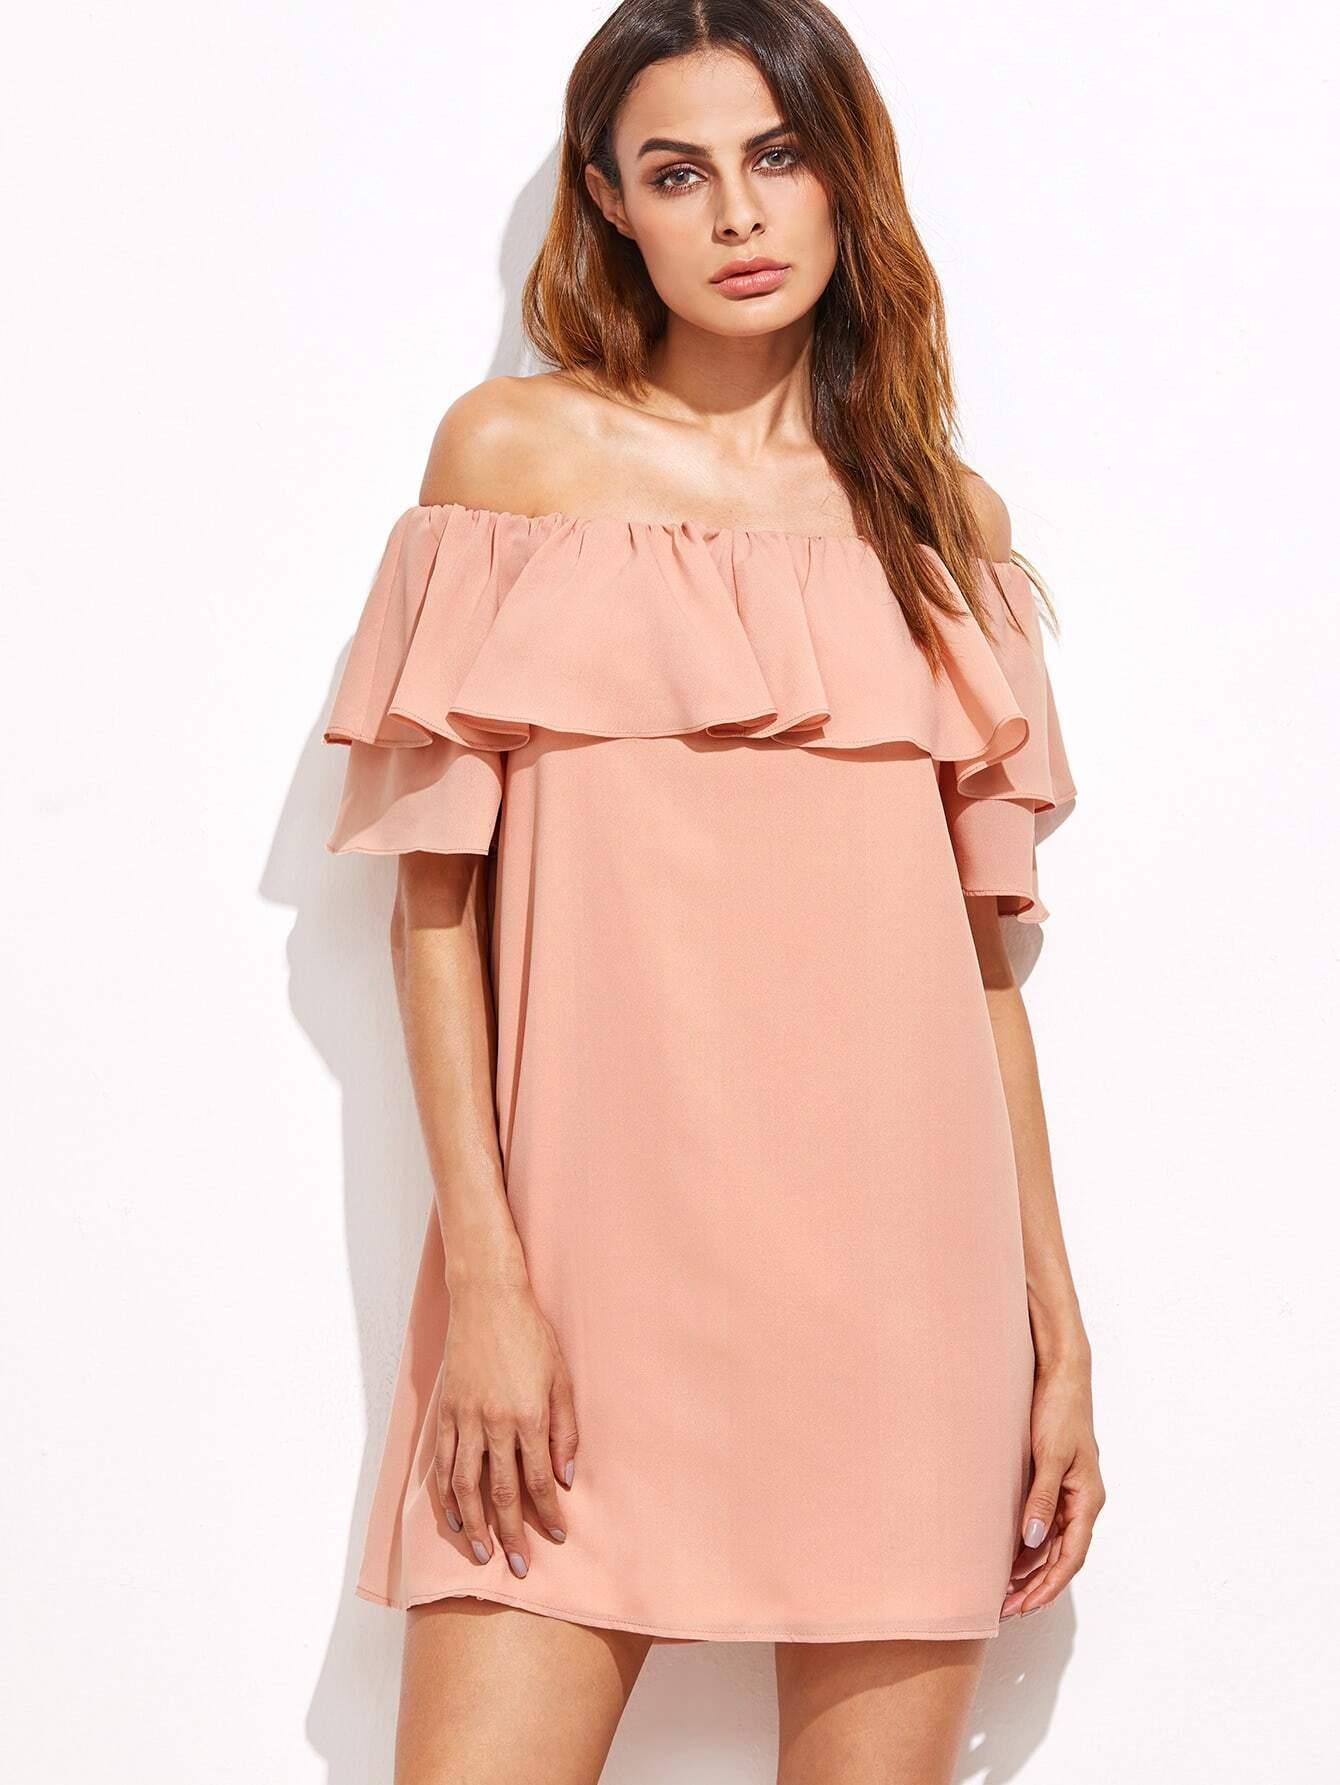 dress161006478_2